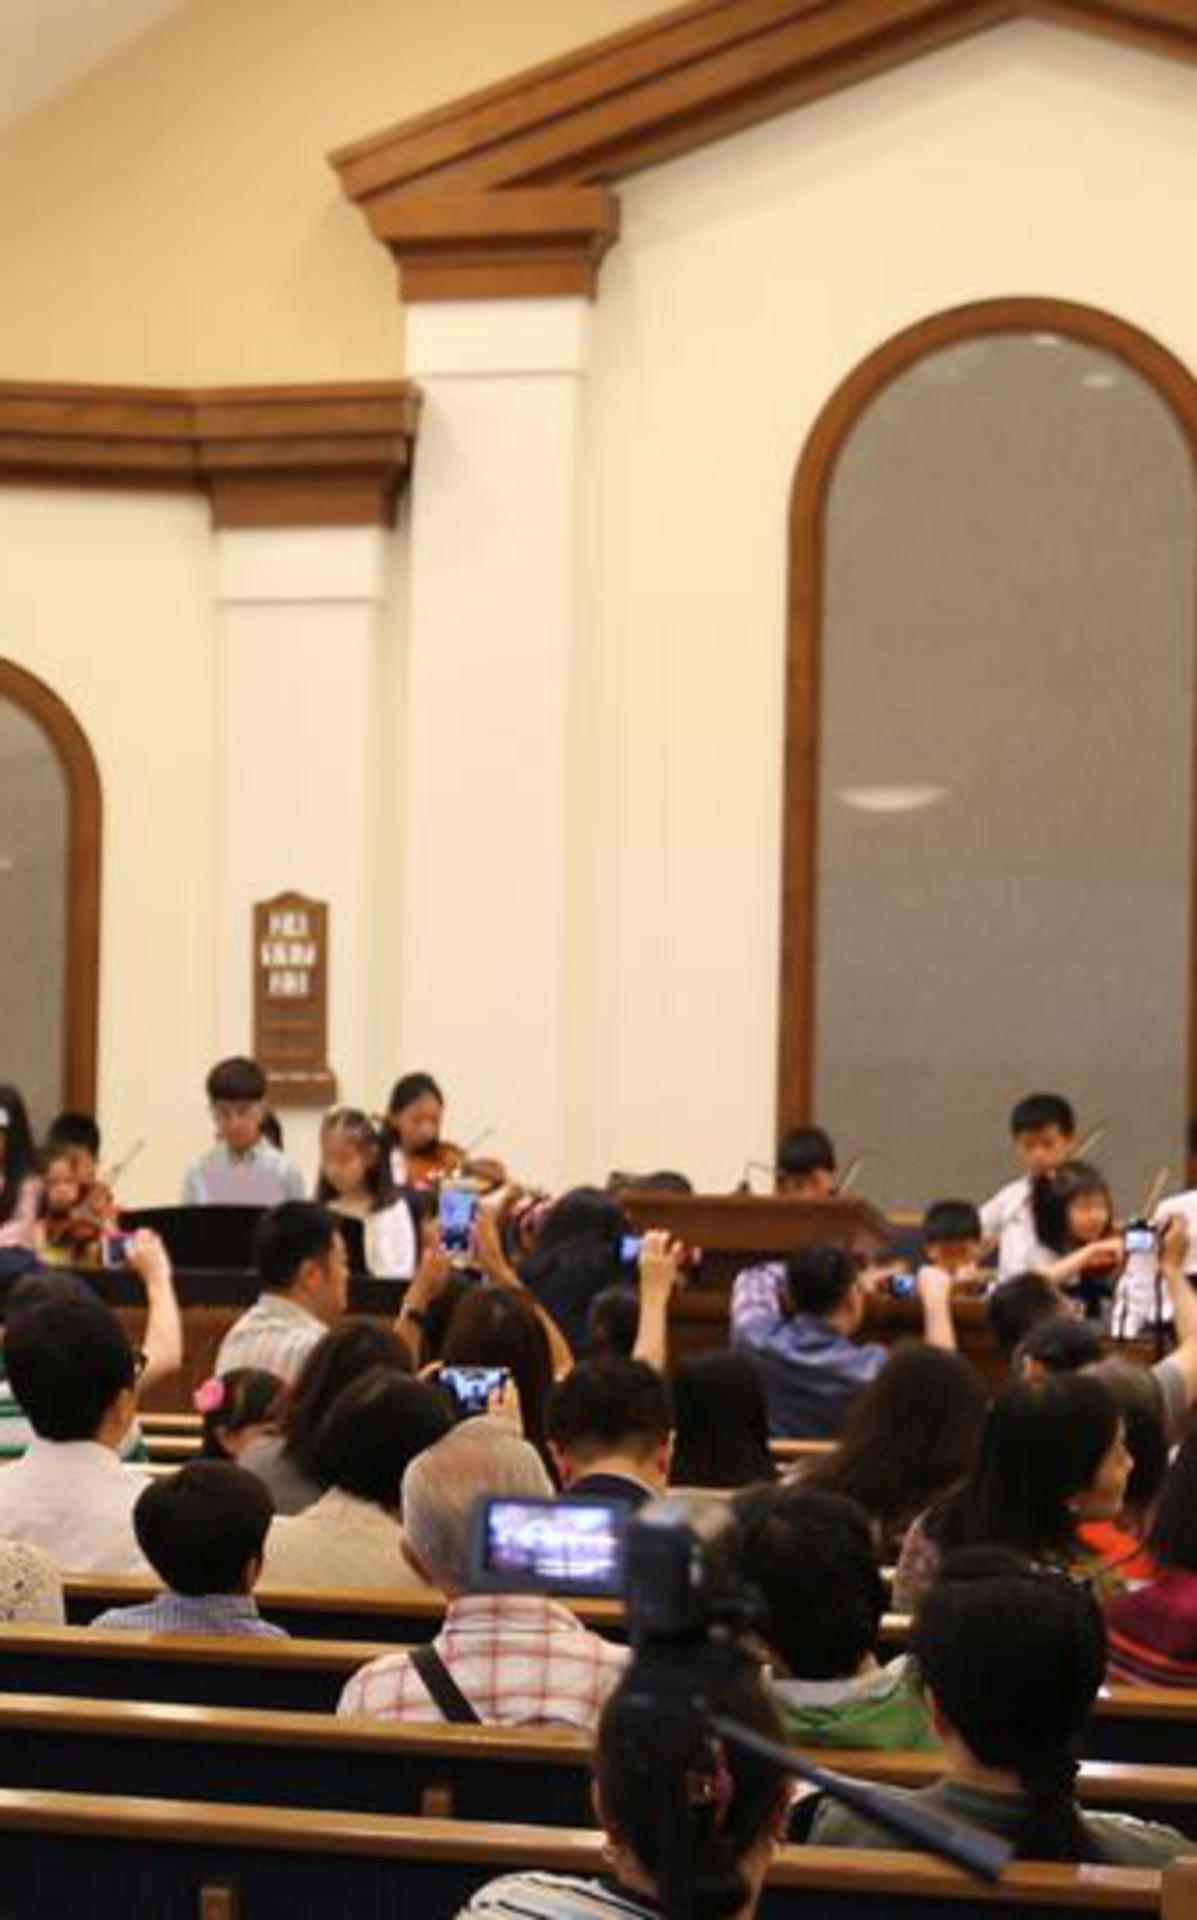 e0426-concert-02.jpg